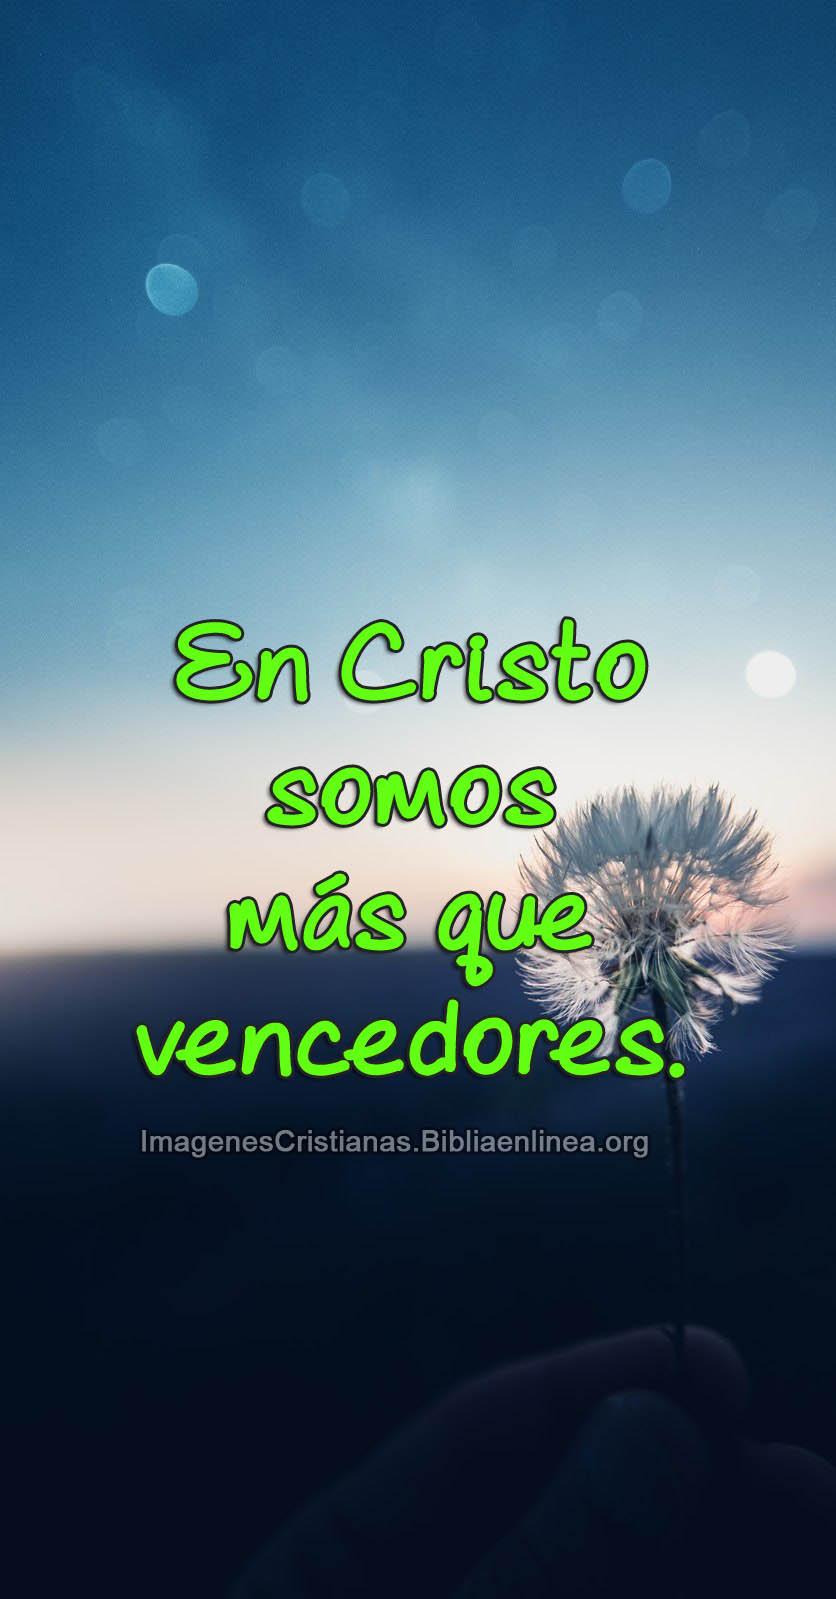 Imagenes lindas para usar como fondo de pantalla cristianas